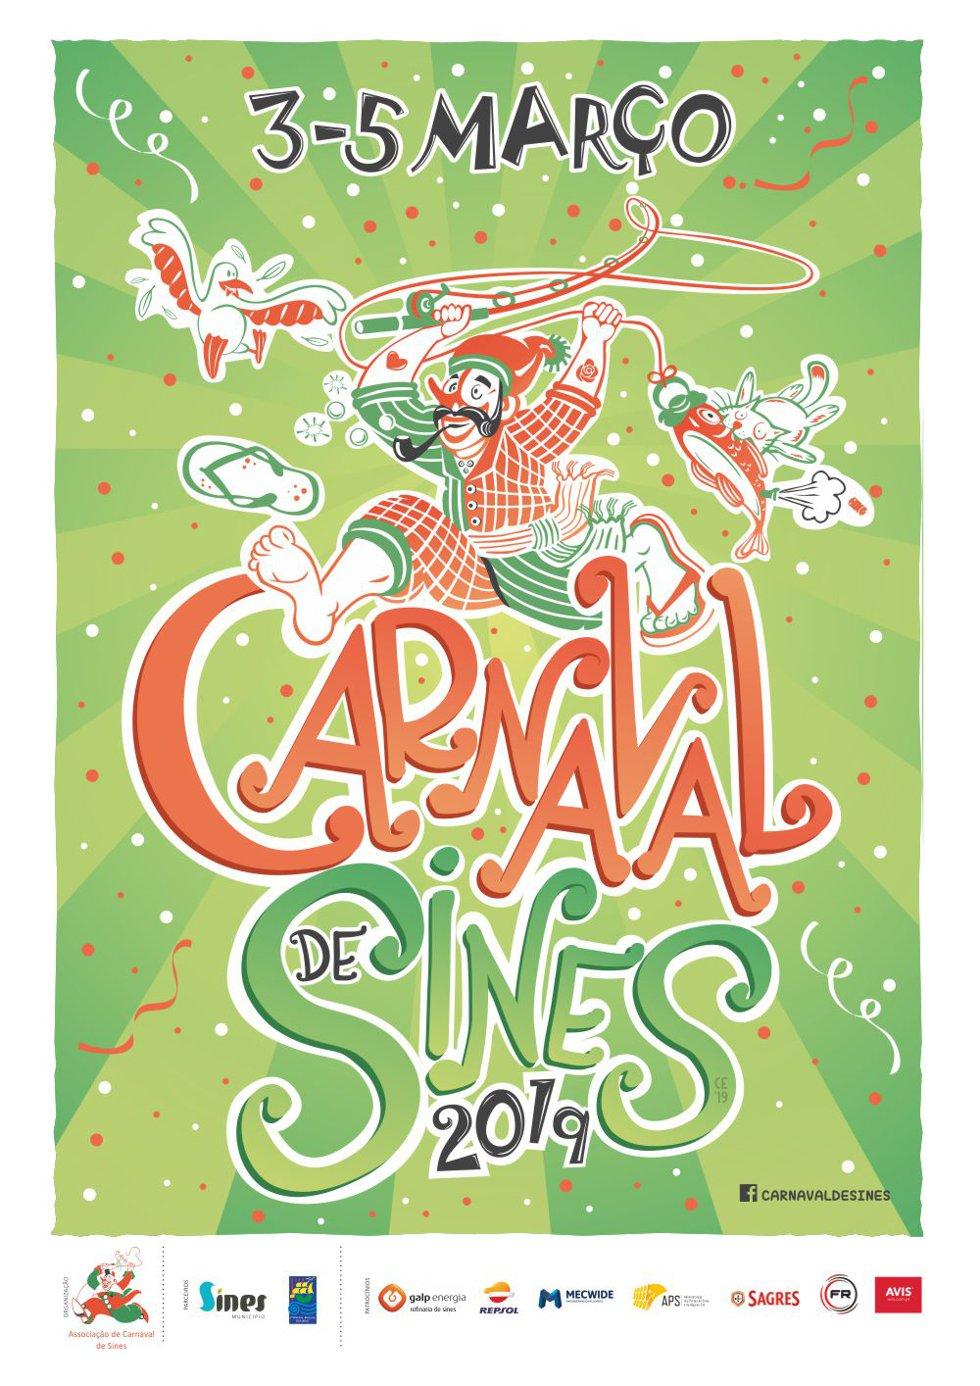 Resultado de imagem para carnaval de sines 2019